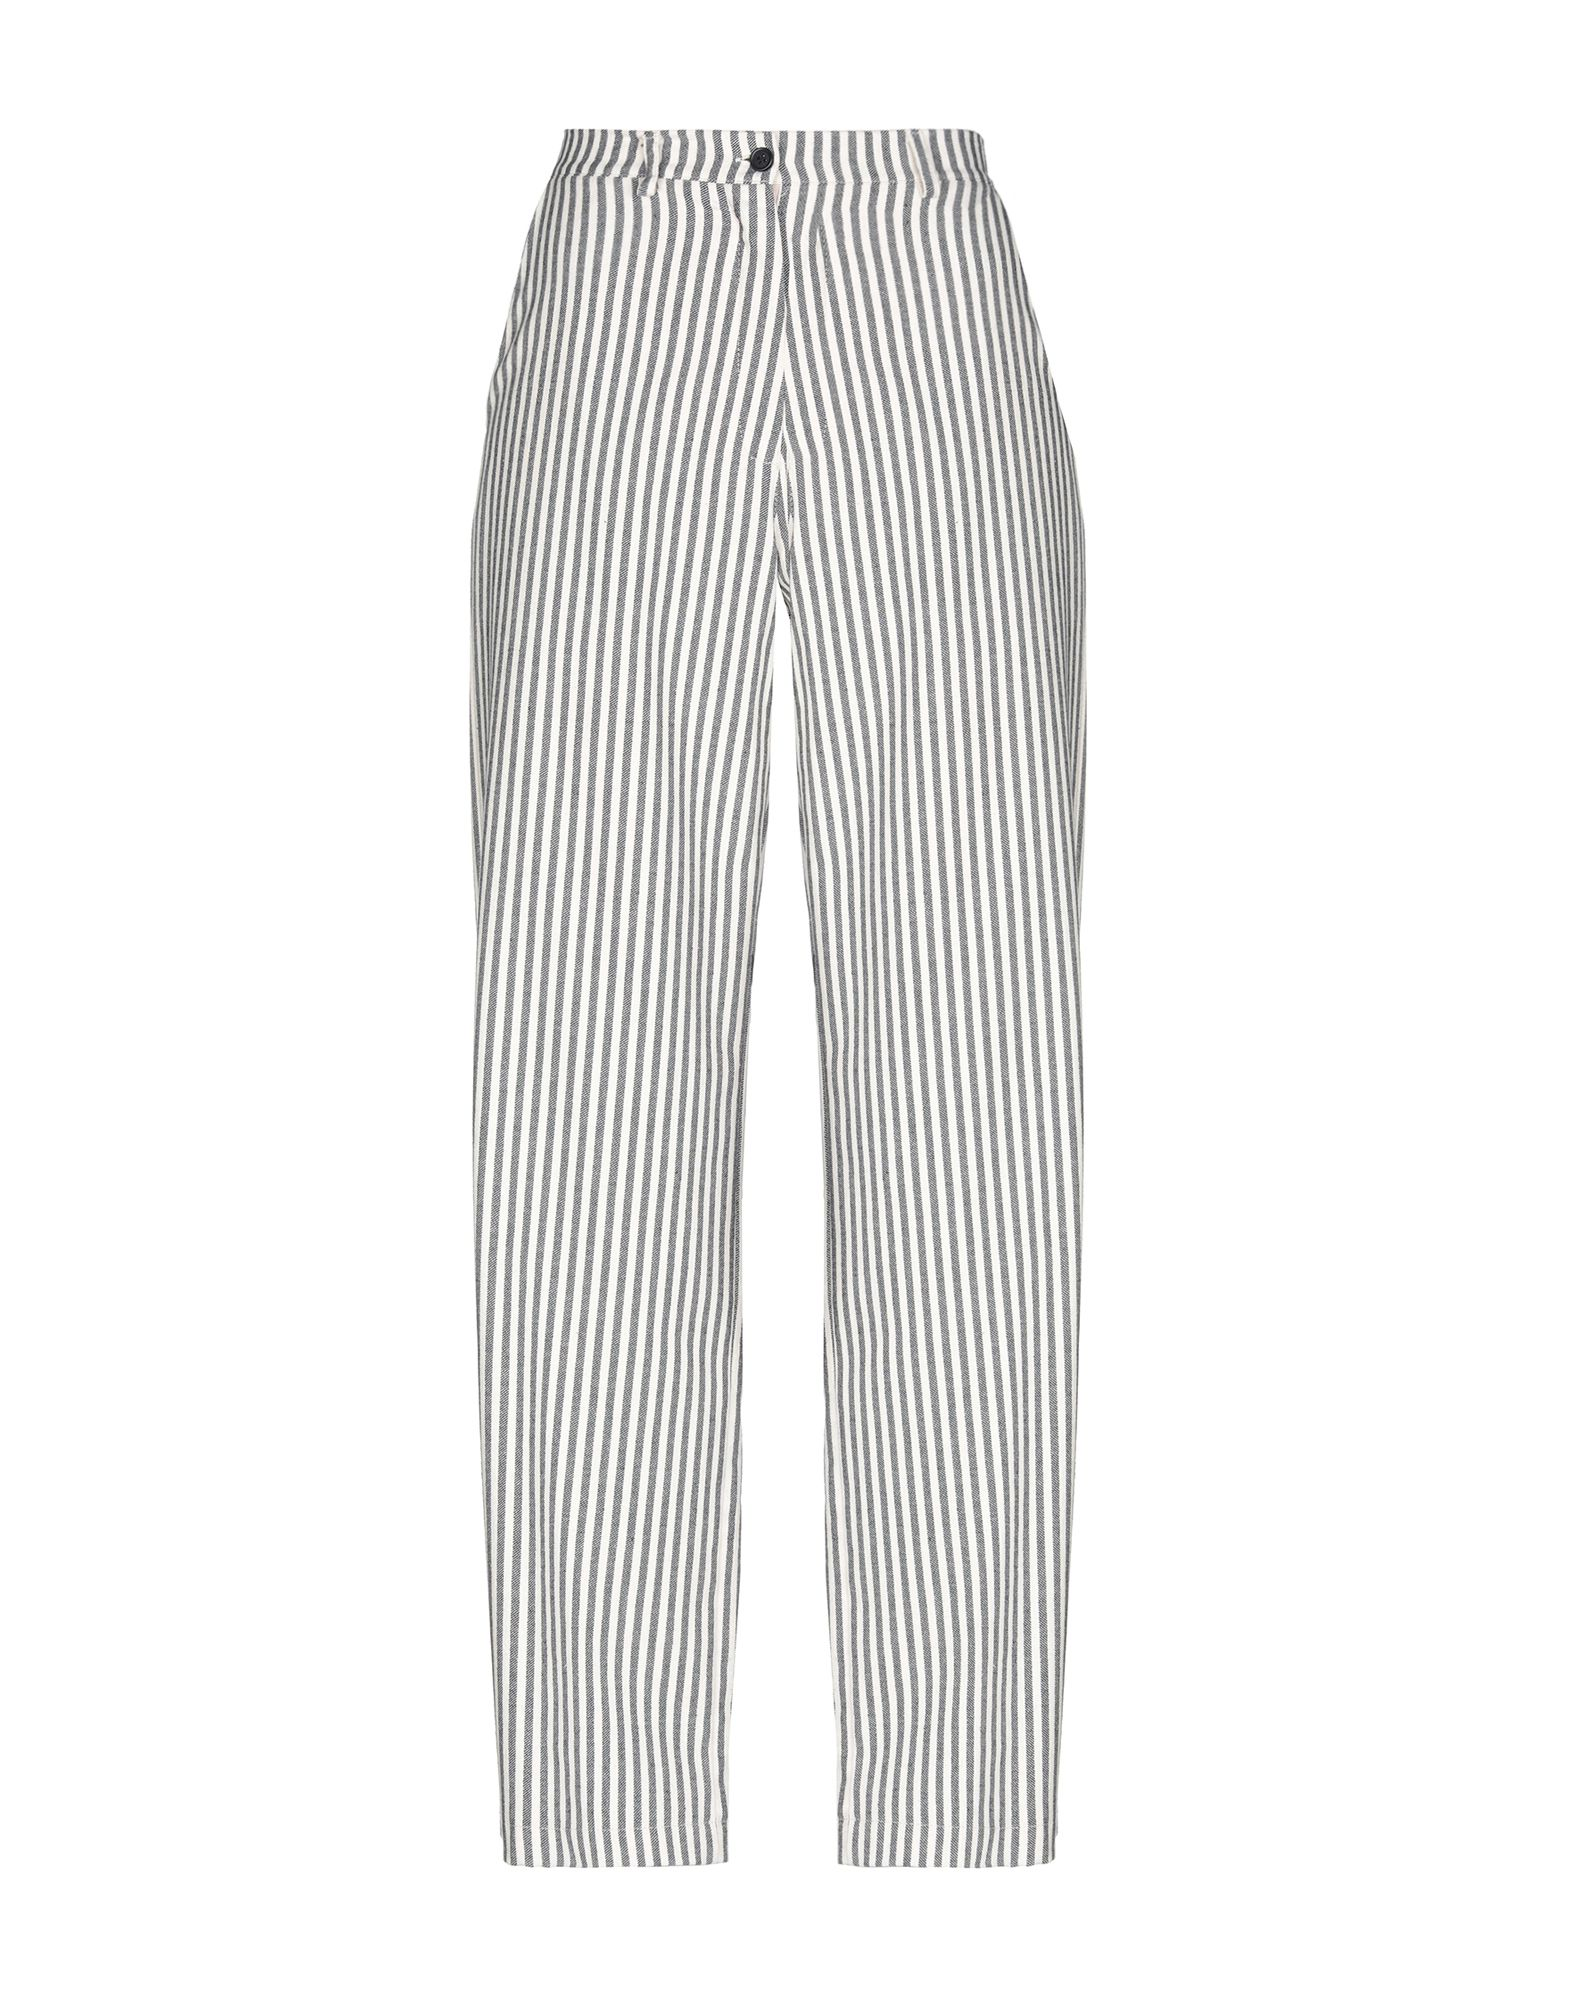 Pantalone Paolo Casalini Casalini donna - 13240614EC  um Ihnen einen angenehmen Online-Einkauf zu ermöglichen